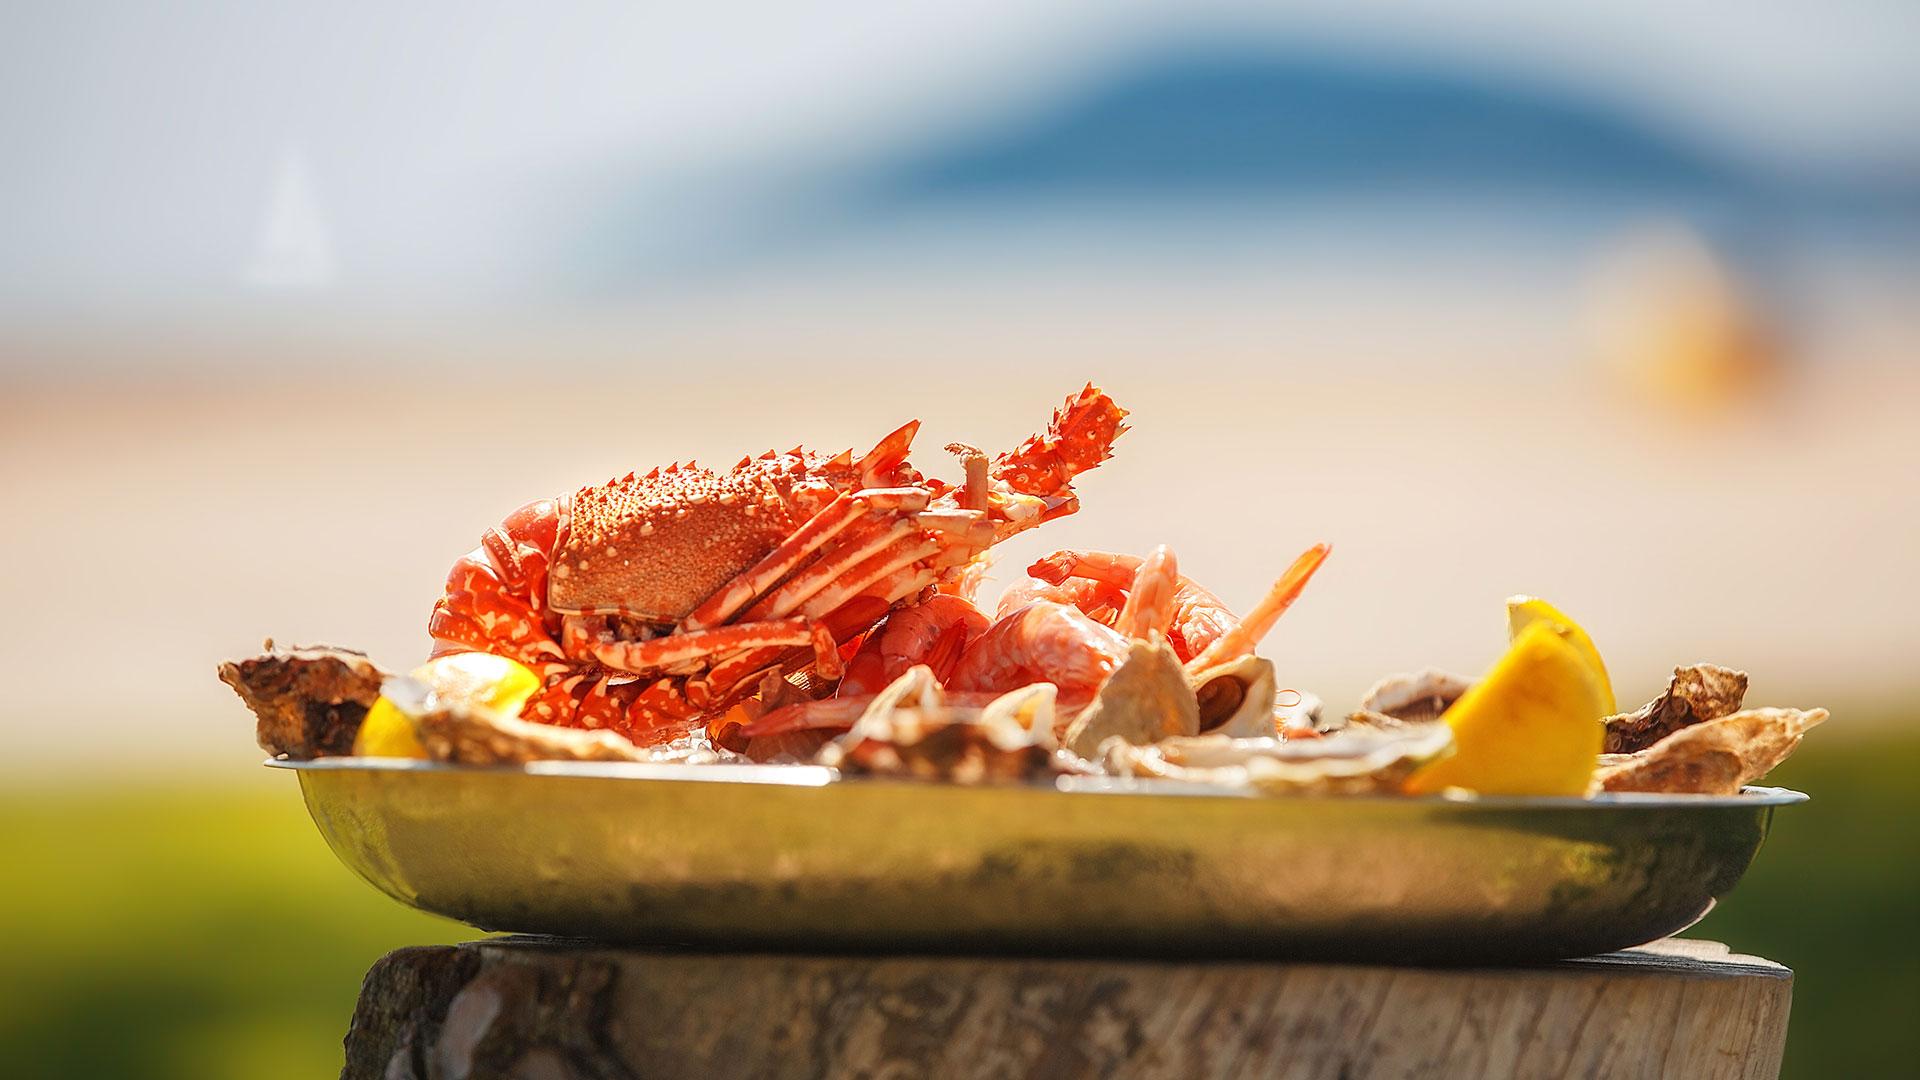 Restaurant-Les-Planches-Argeles-sur-Mer-Poissons-Fruits-de-Mer-Specialites-de-la-Mer-Plateau-Crustace